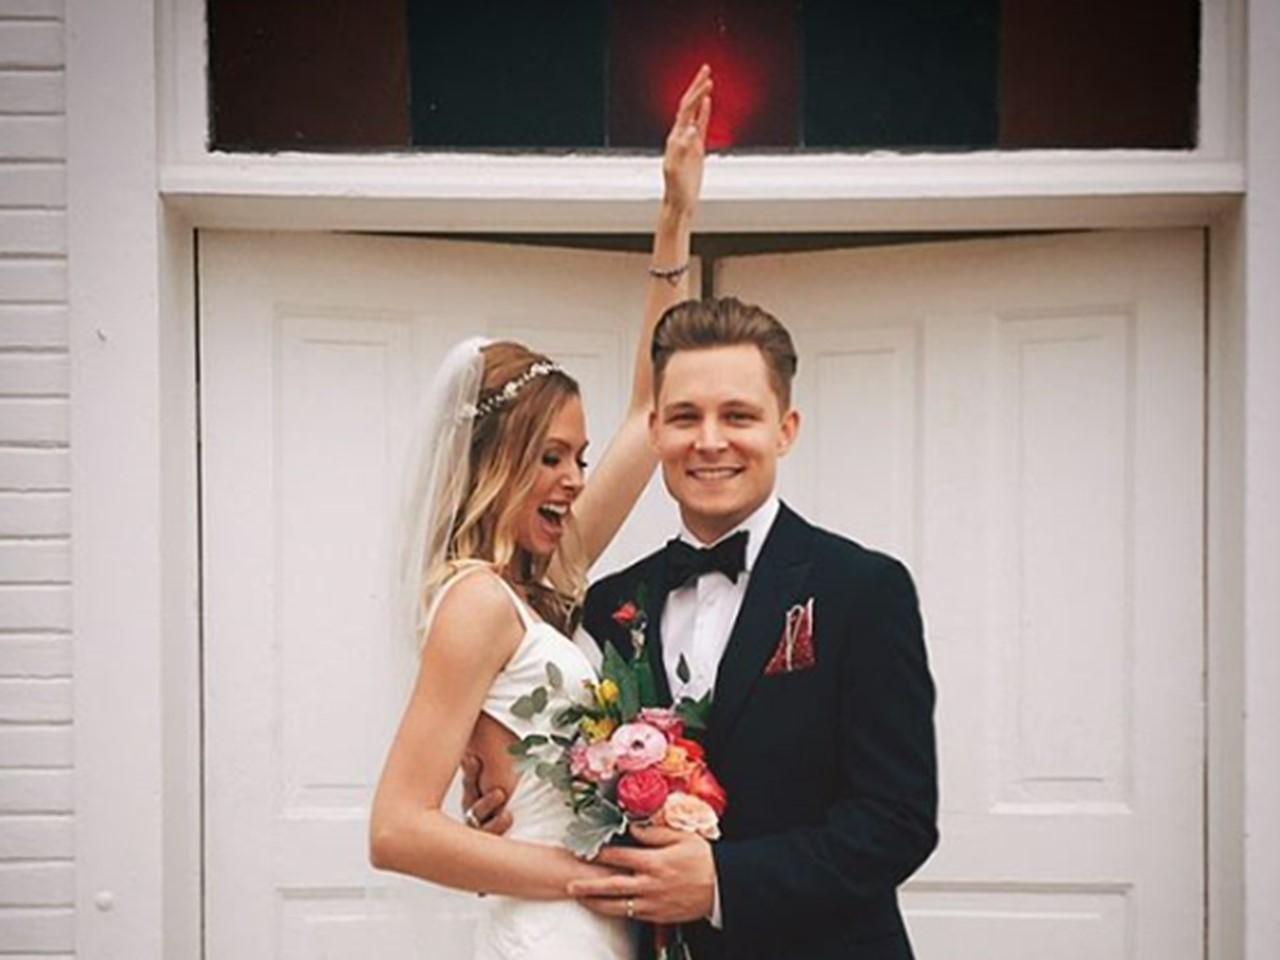 frankie ballard married